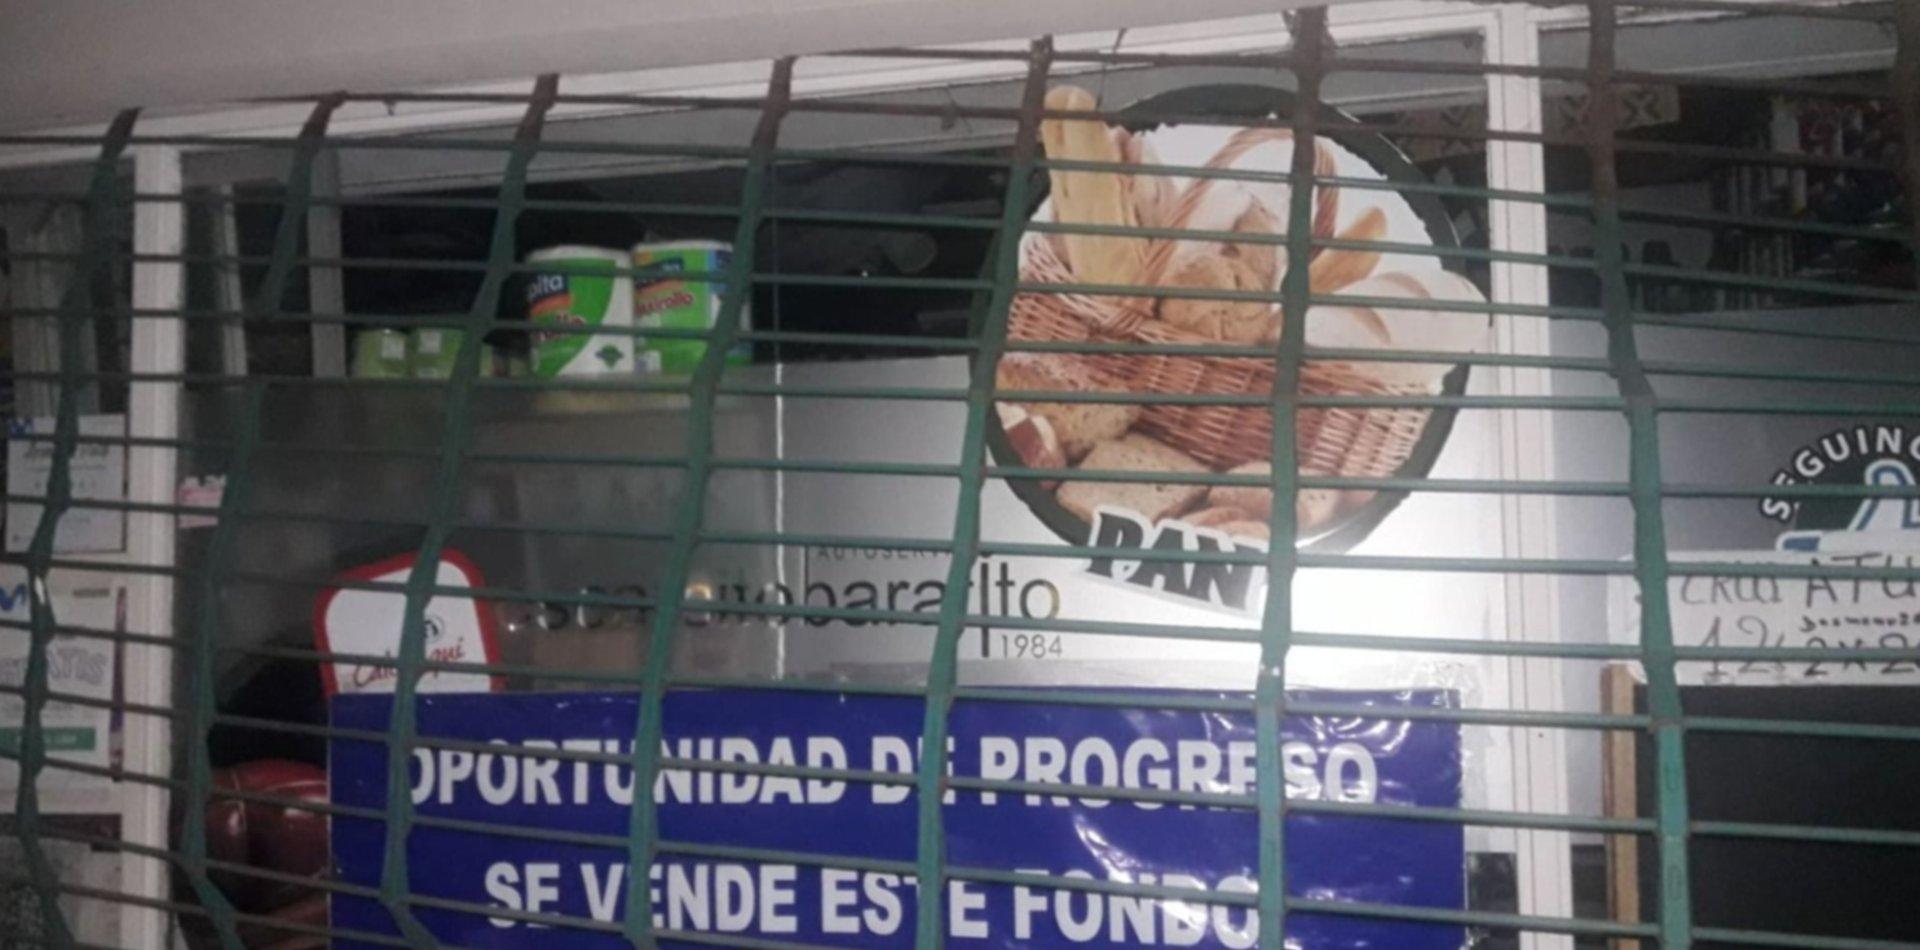 Tres chicos de 14 años destrozaron la persiana de una fiambrería de La Plata para robar